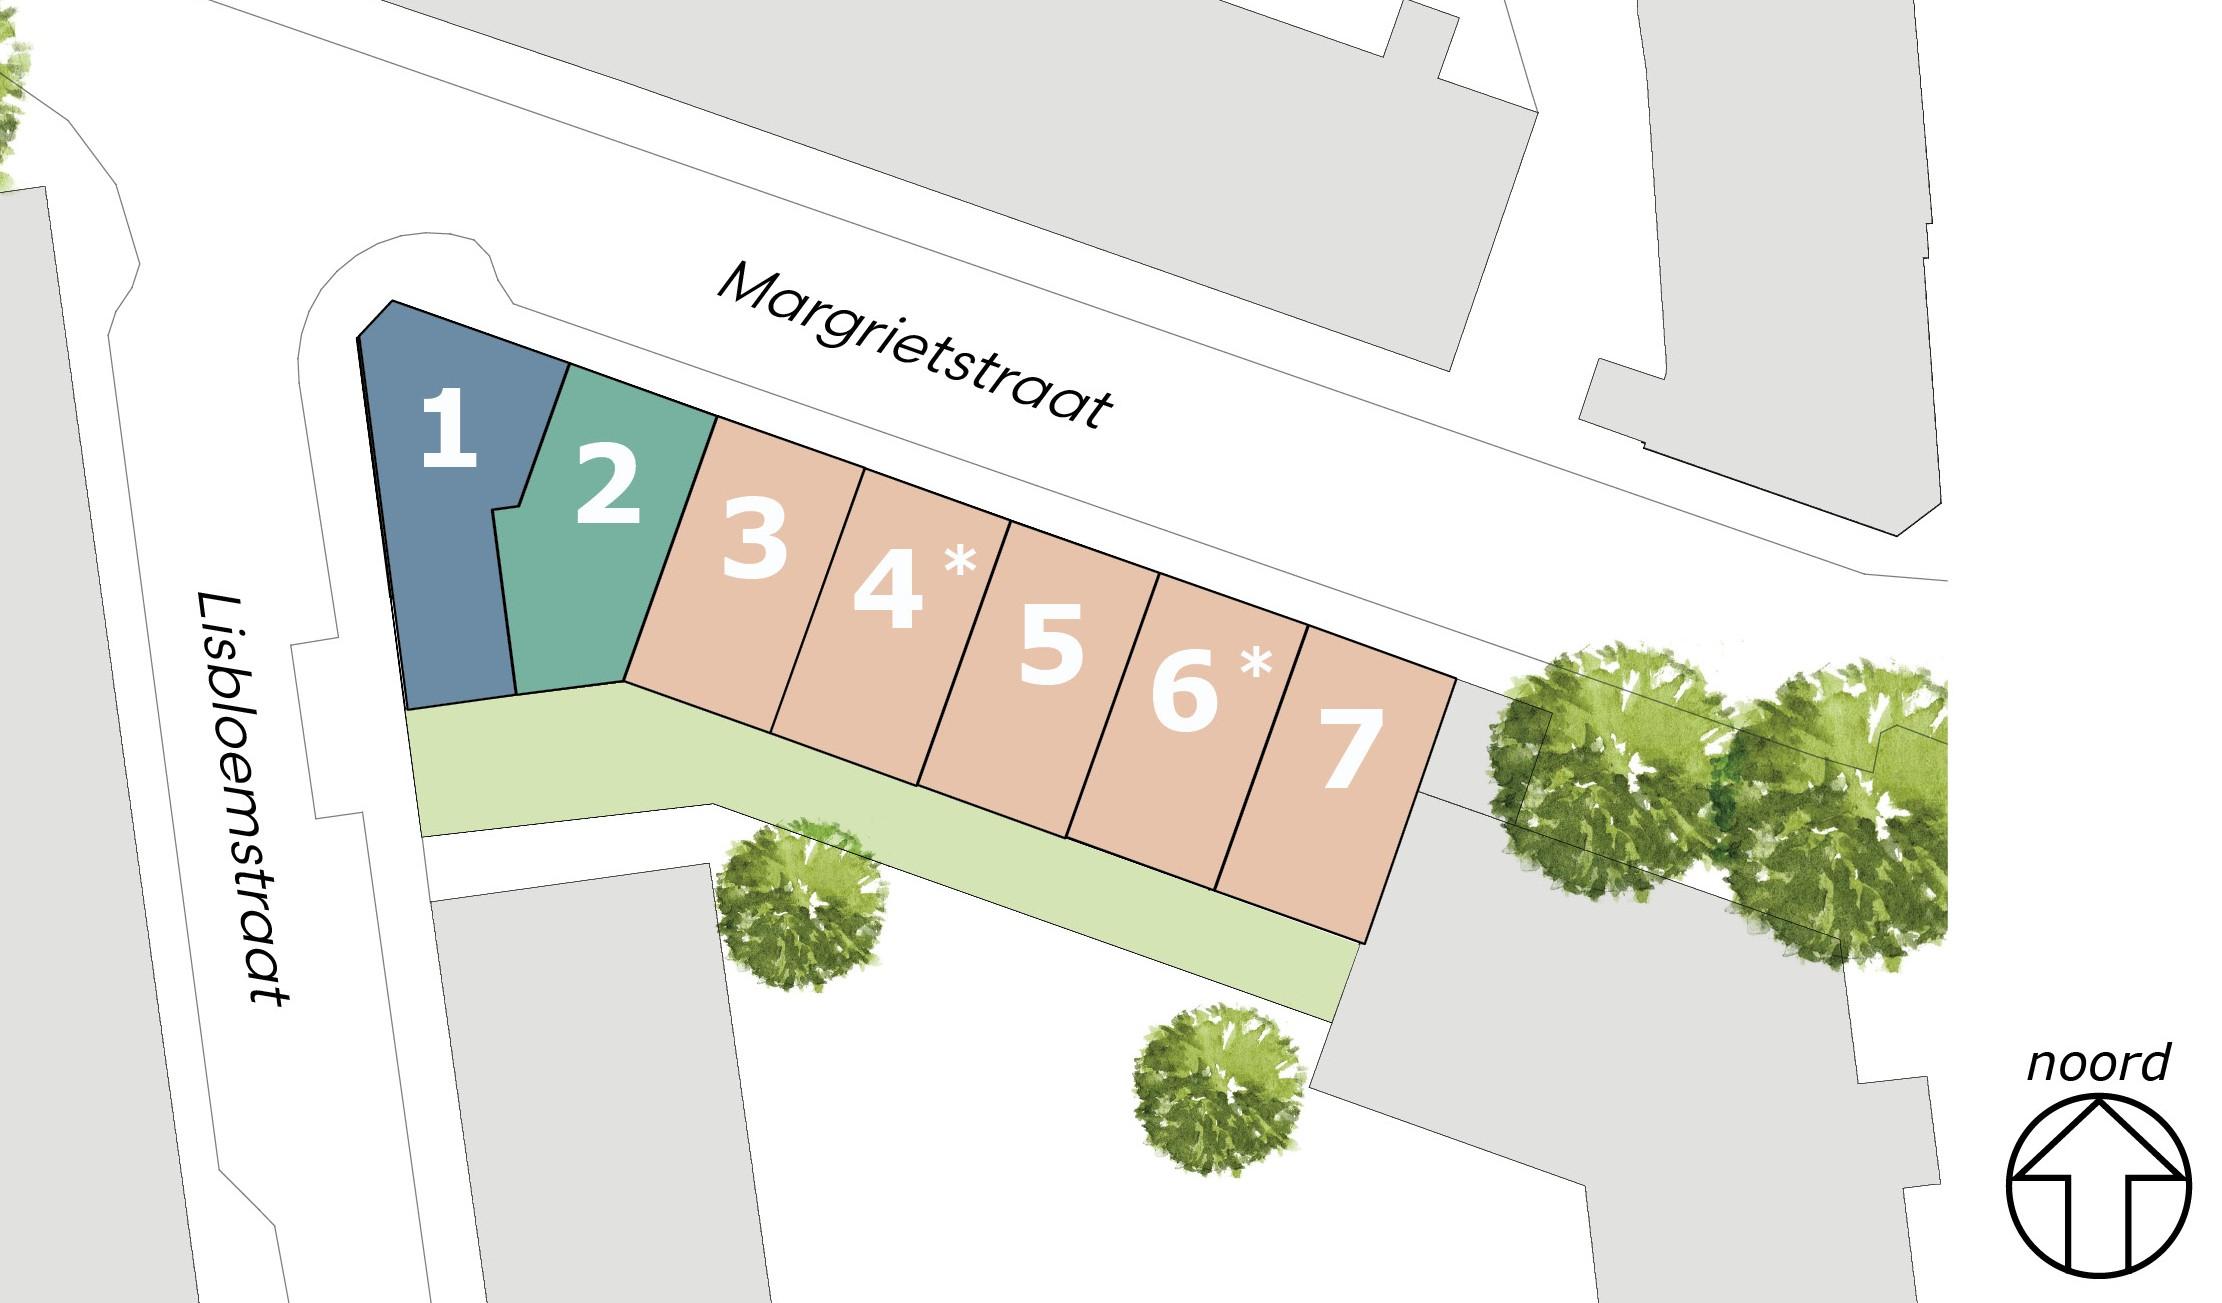 *woning 4 en 6 zijn gespiegeld ten opzichte van de op deze website weergegeven plattegronden